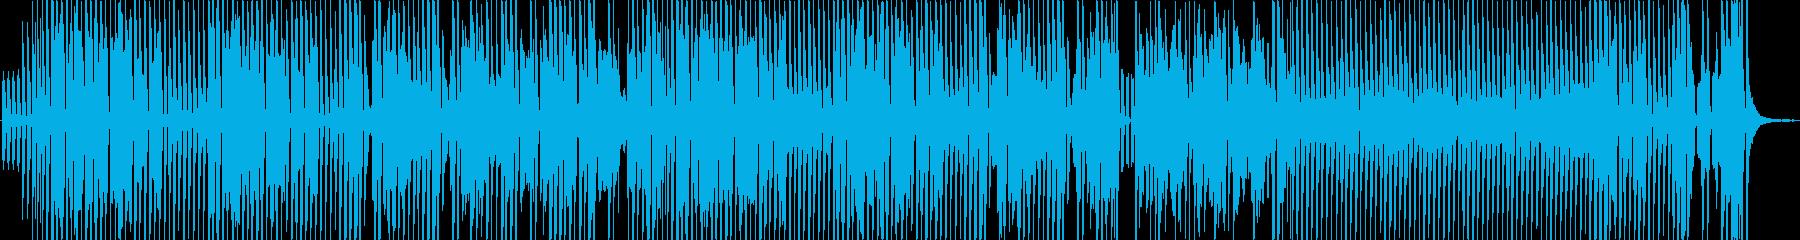 テンポの良い明るく元気なリコーダーBGMの再生済みの波形